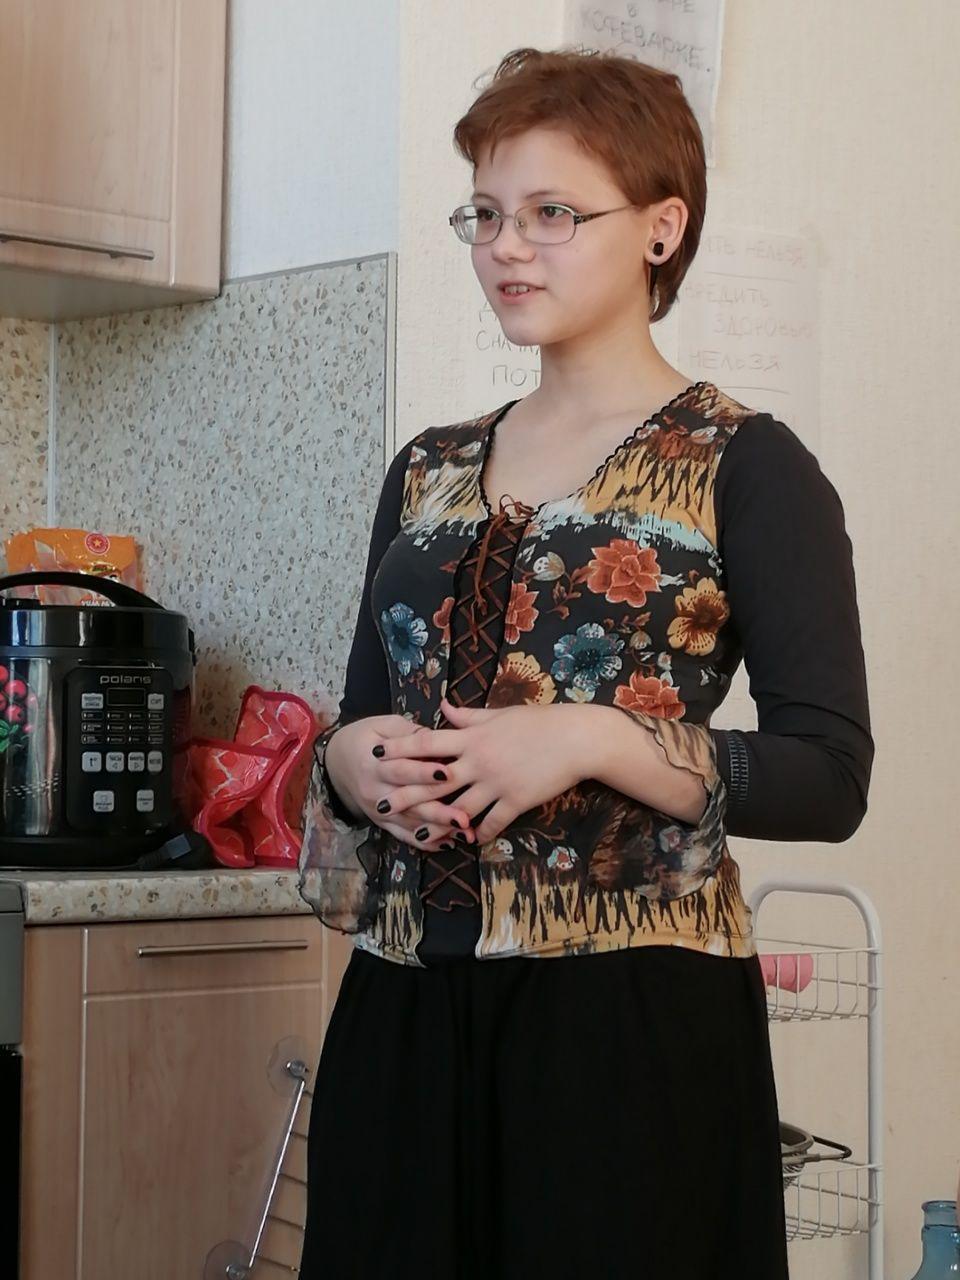 Мой день рождения с эльфами в северной столице, Санкт-Петербург, фото 31